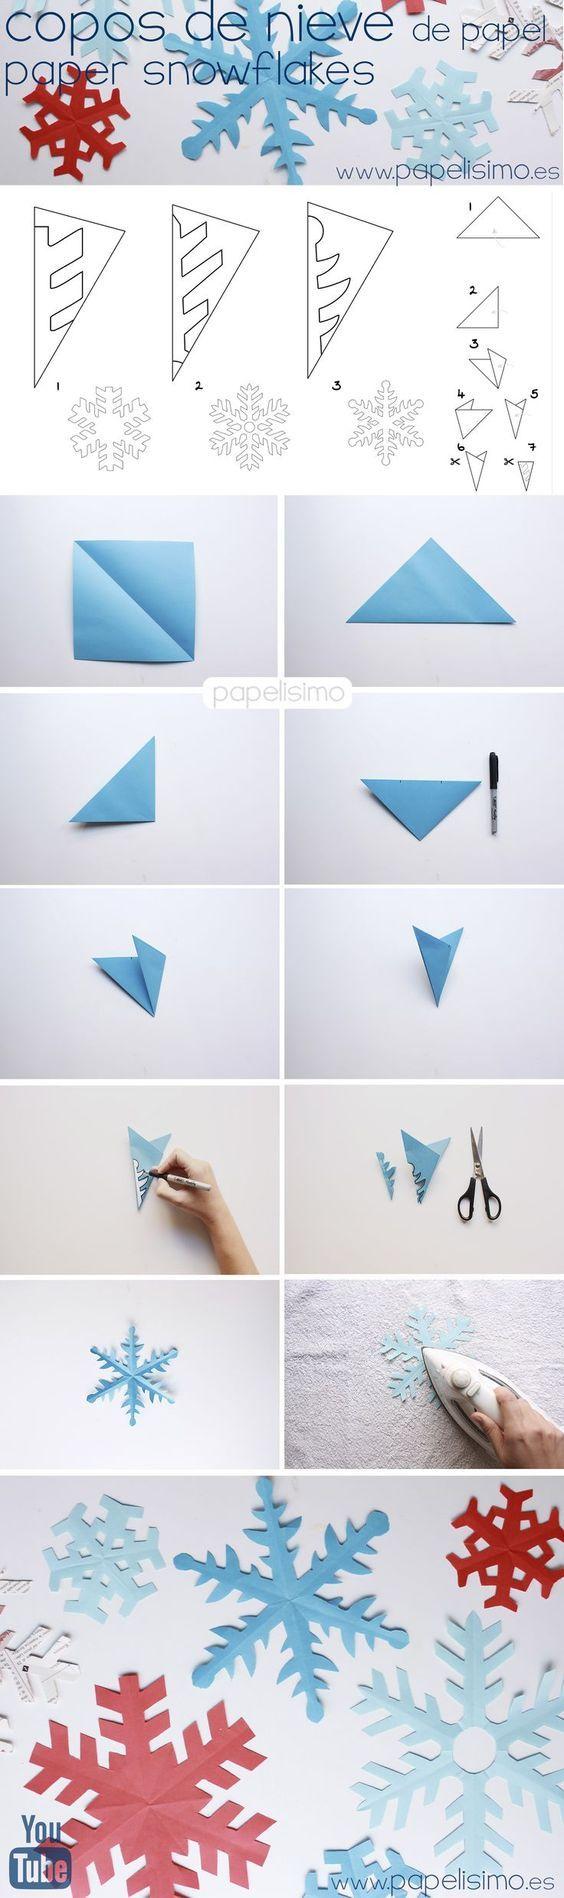 como hacer copos de nieve de papel paper snowflakes, PASO A PASO: CÓMO HACER COPOS DE NIEVE DE PAPEL Para cada copo de nieve de papel neceitaremos una hoja cuadrada, si en casa tienes papel normal tamaño A4, el primer paso es cortar el papel para tener una hoja cuadrada.: